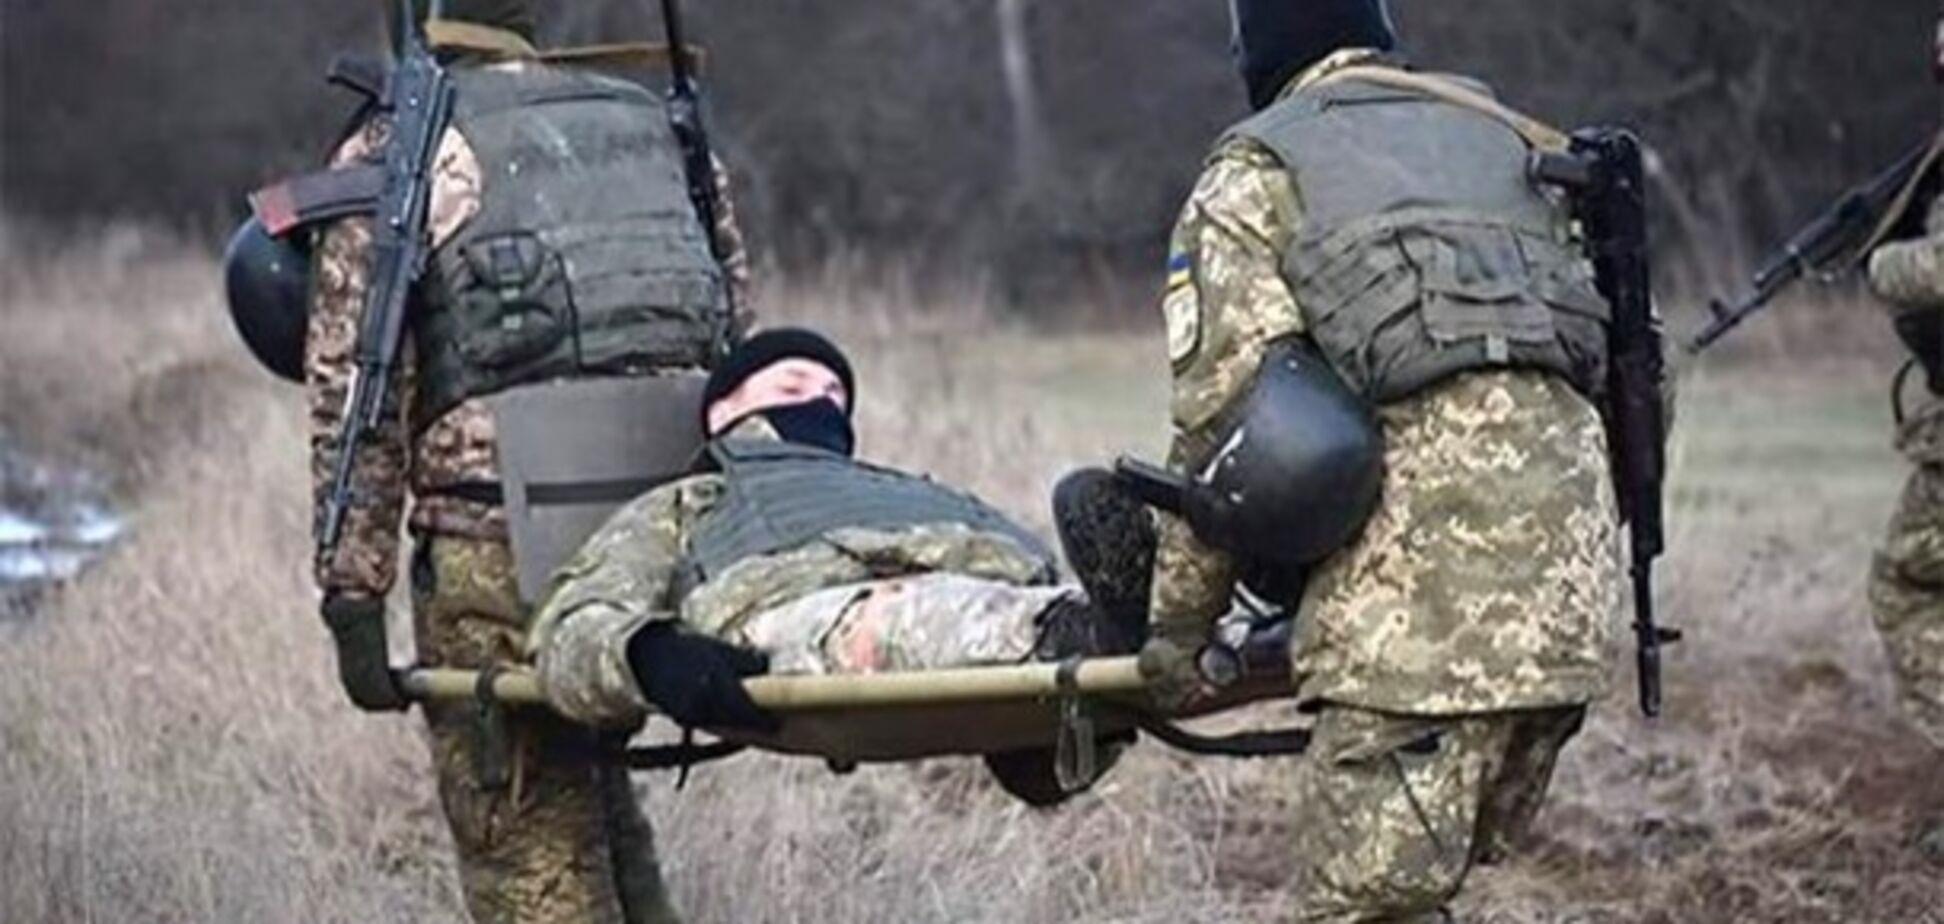 Террористы устроили ВСУ кровавый понедельник на Донбассе и получили жесткий ответ